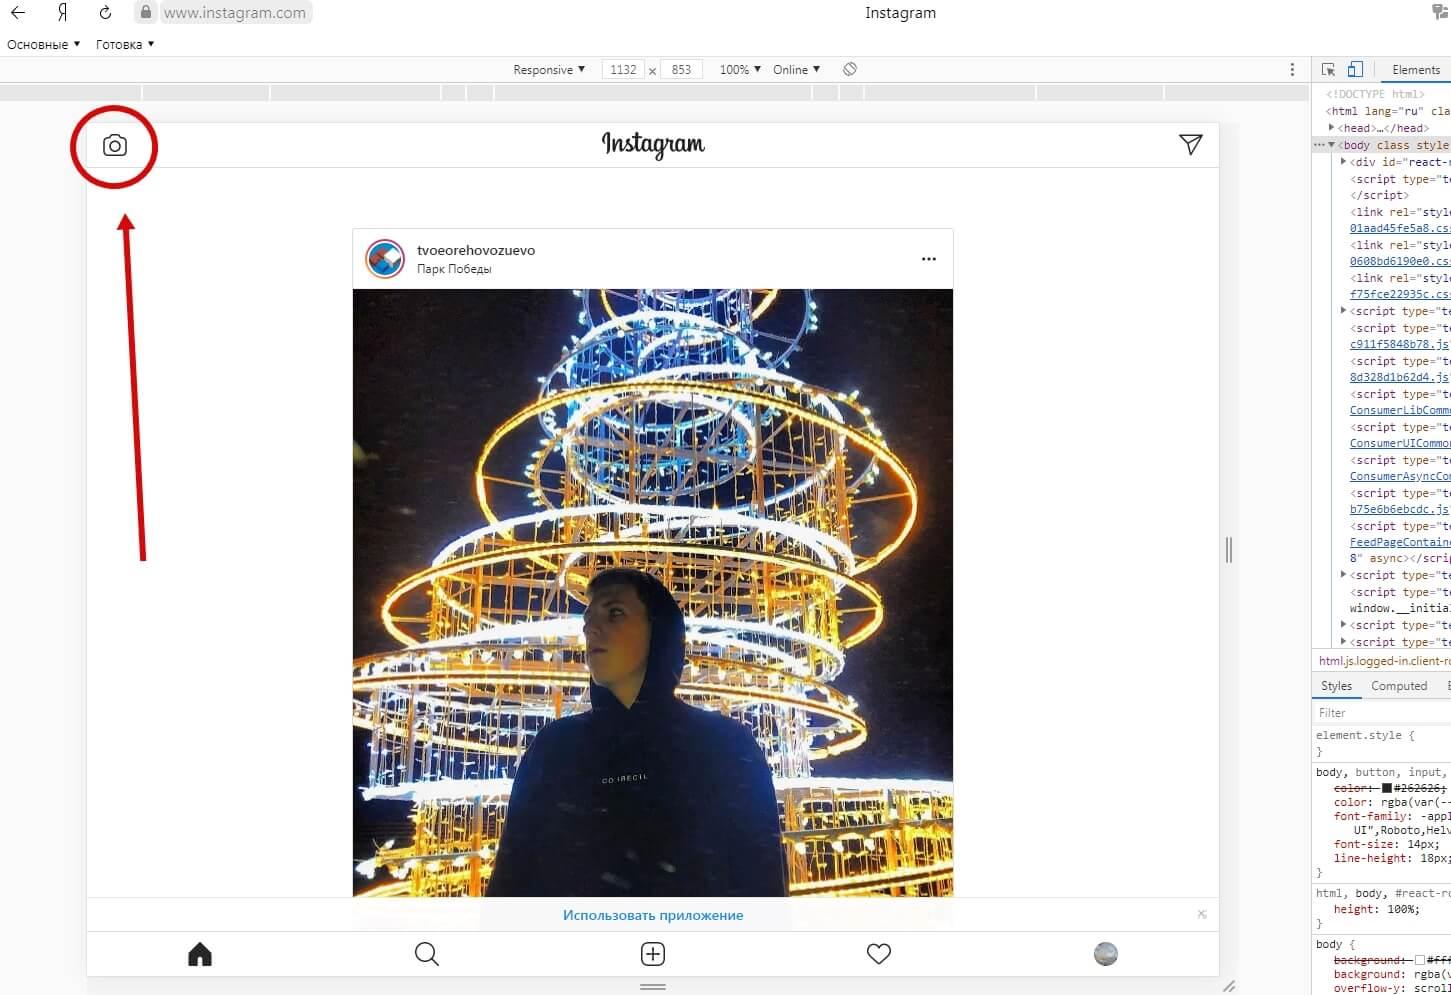 Вид открытого профиля Инстаграм изменится, станет похож на то, как соцсеть выглядит в смартфоне. Если сразу возможности добавить Историю вы не найдете, нажмите на значок фотоаппарата в левом верхнем углу